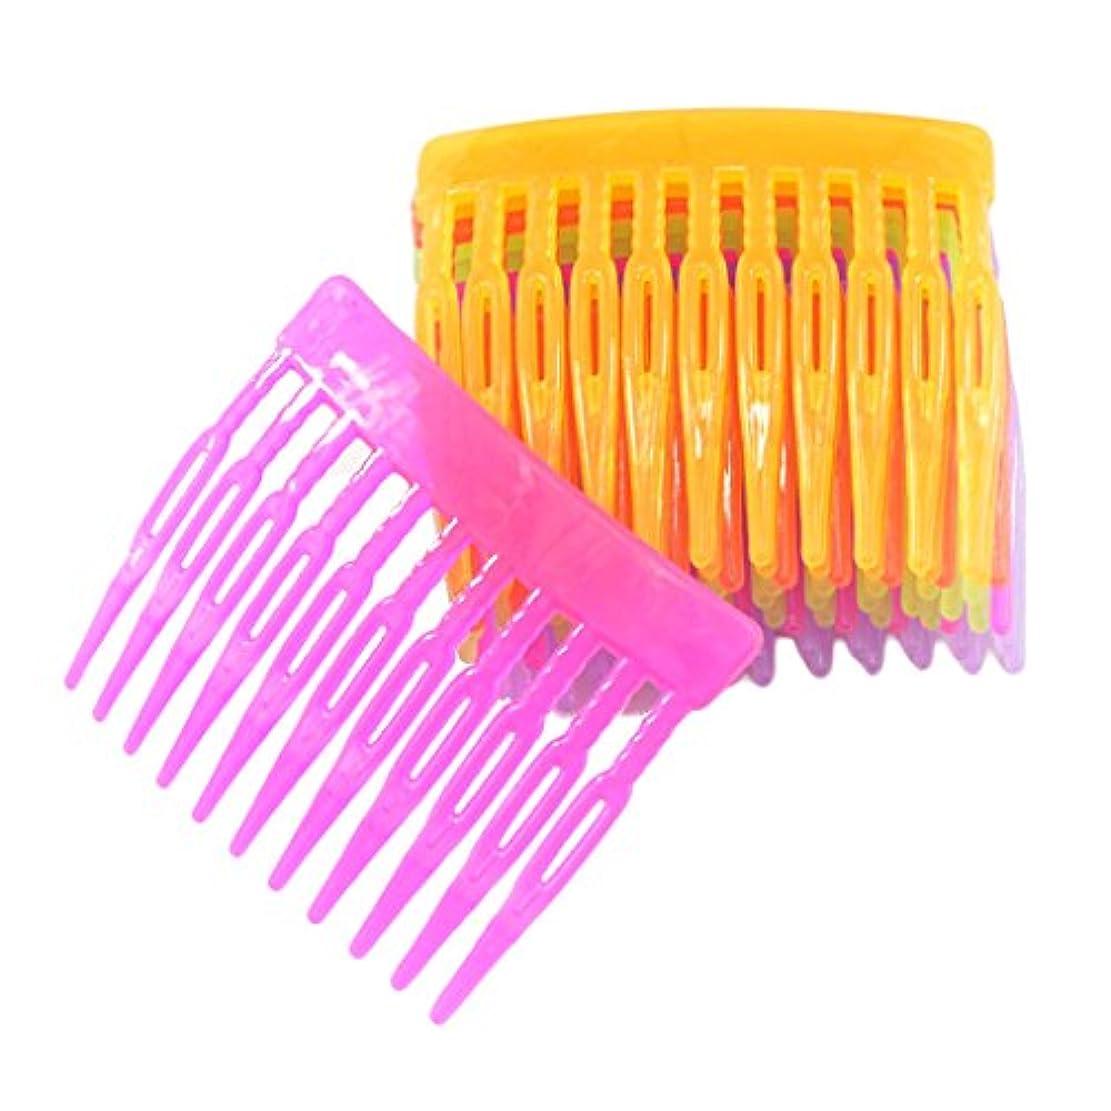 一貫したウイルス好ましいヘアアクセサリー 10個入り 髪留め 混合色 DIY